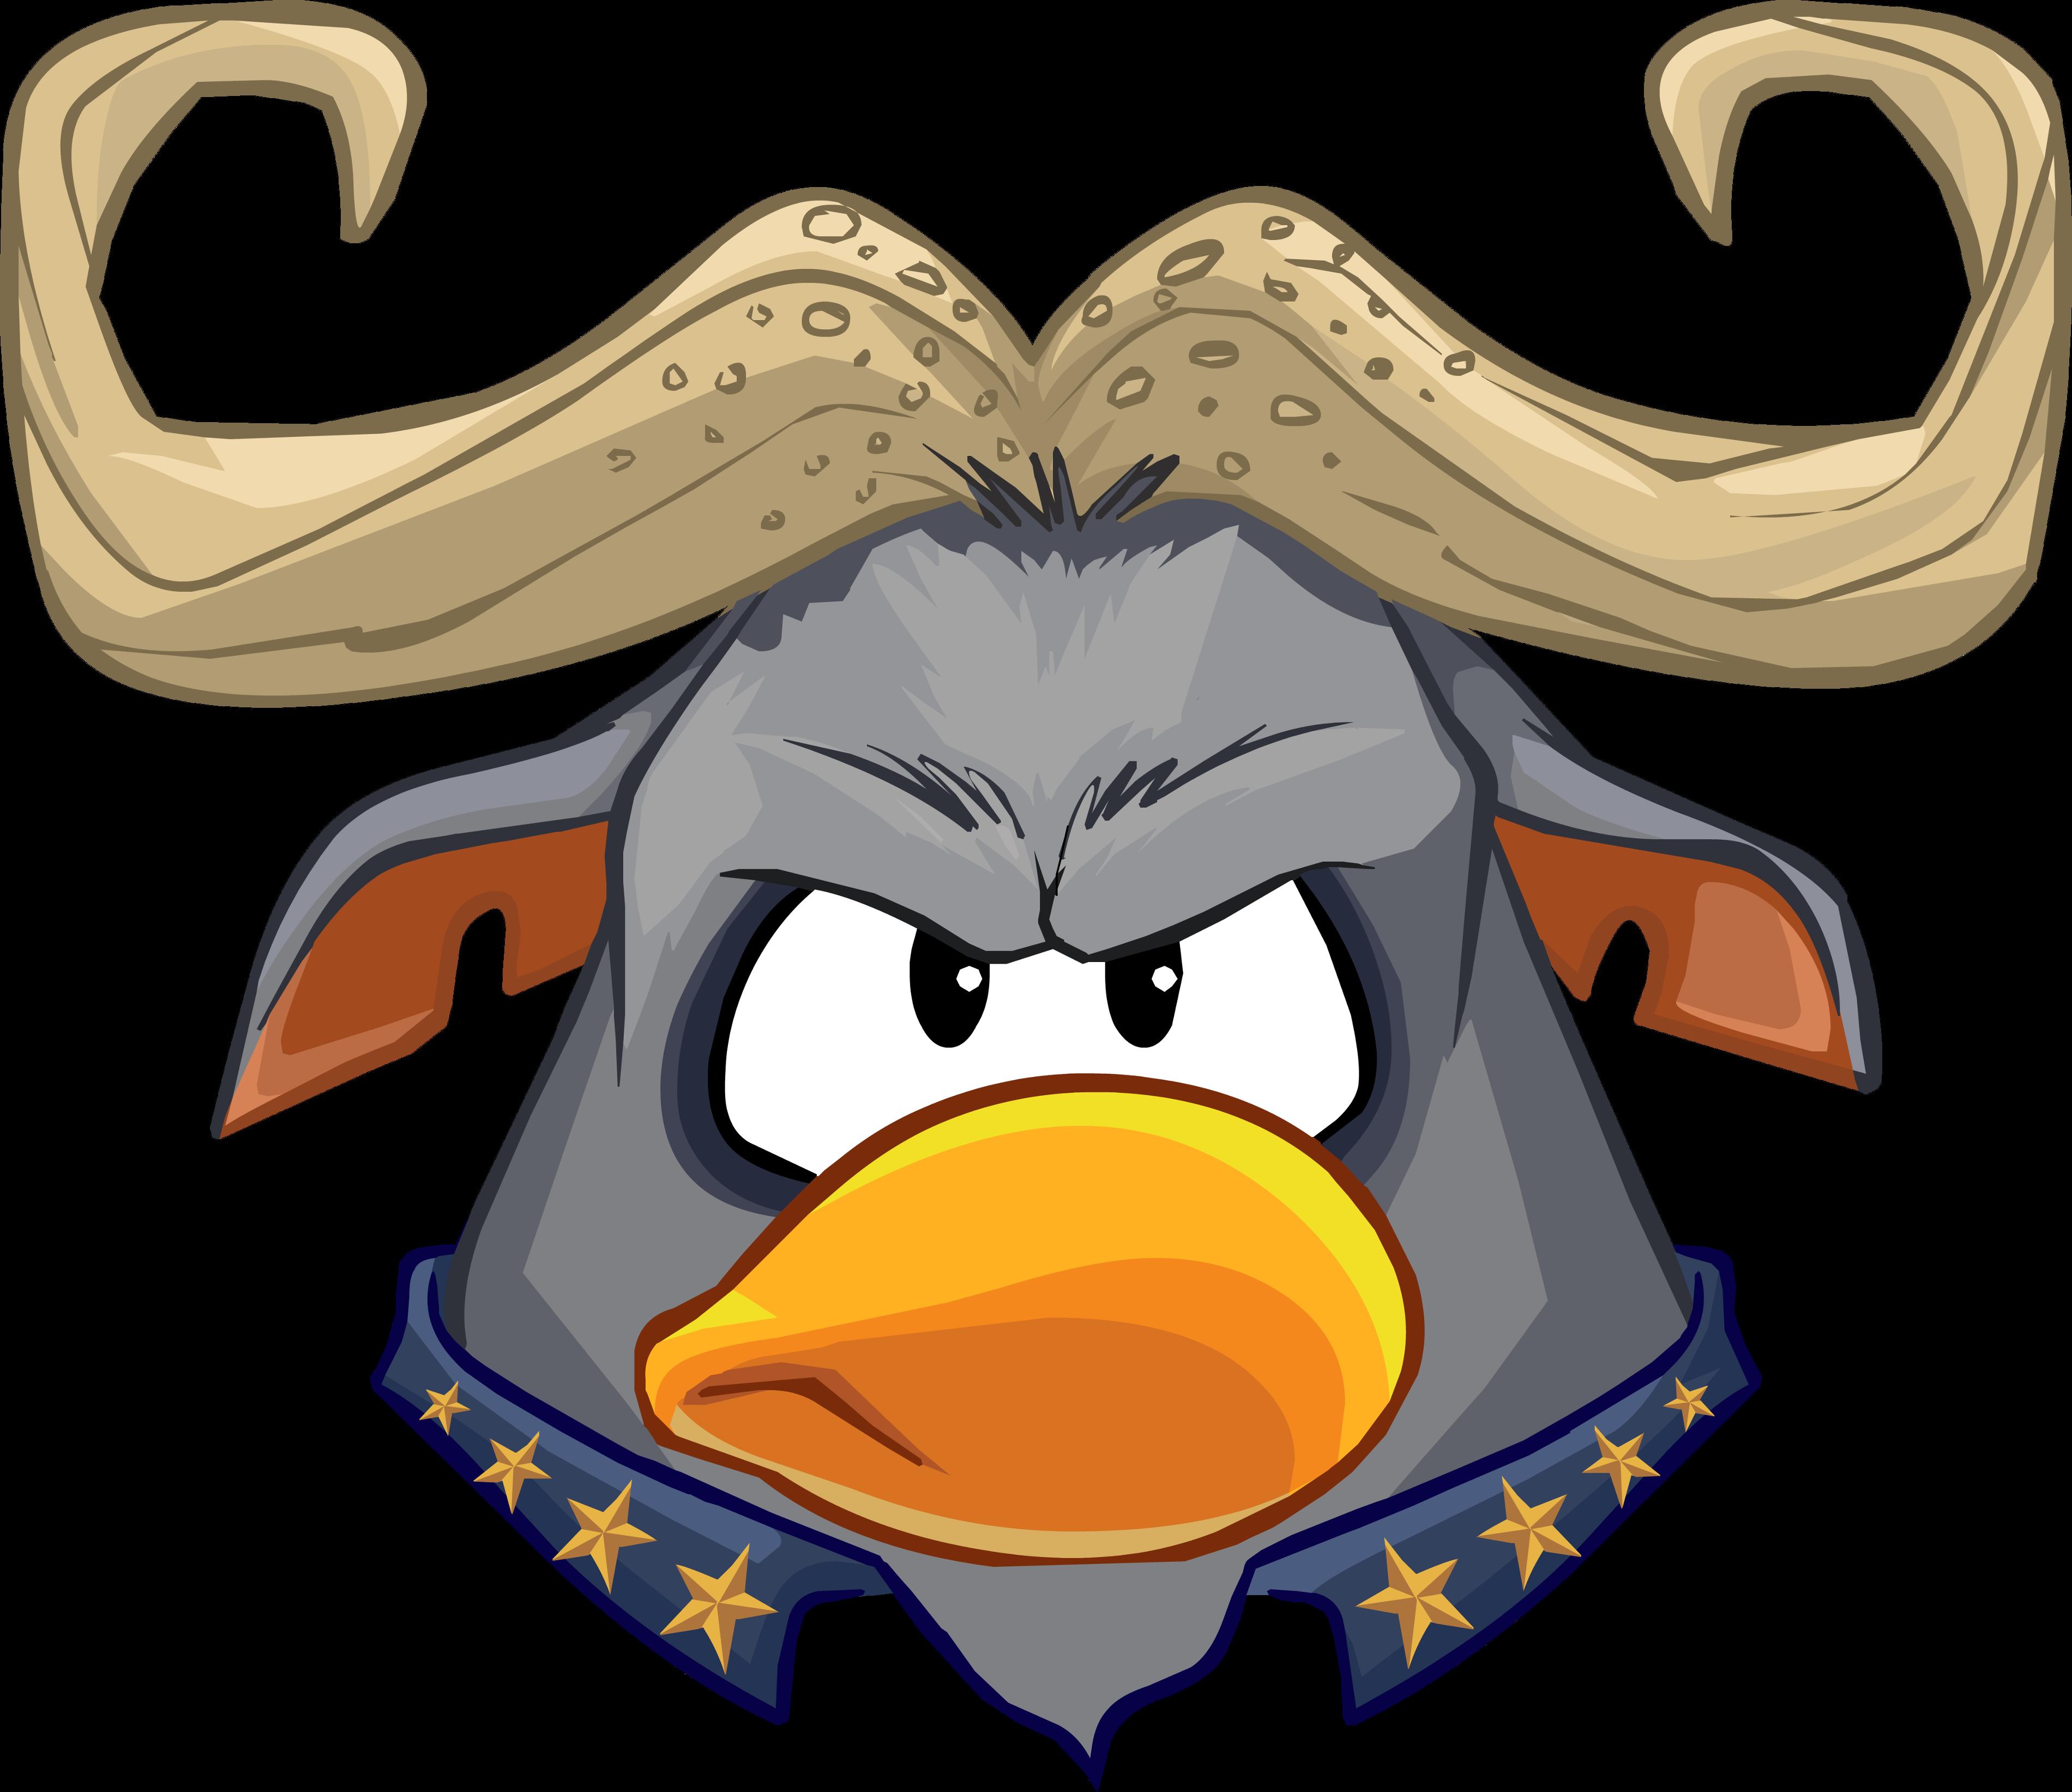 Mask clipart animal. Chief bogo club penguin